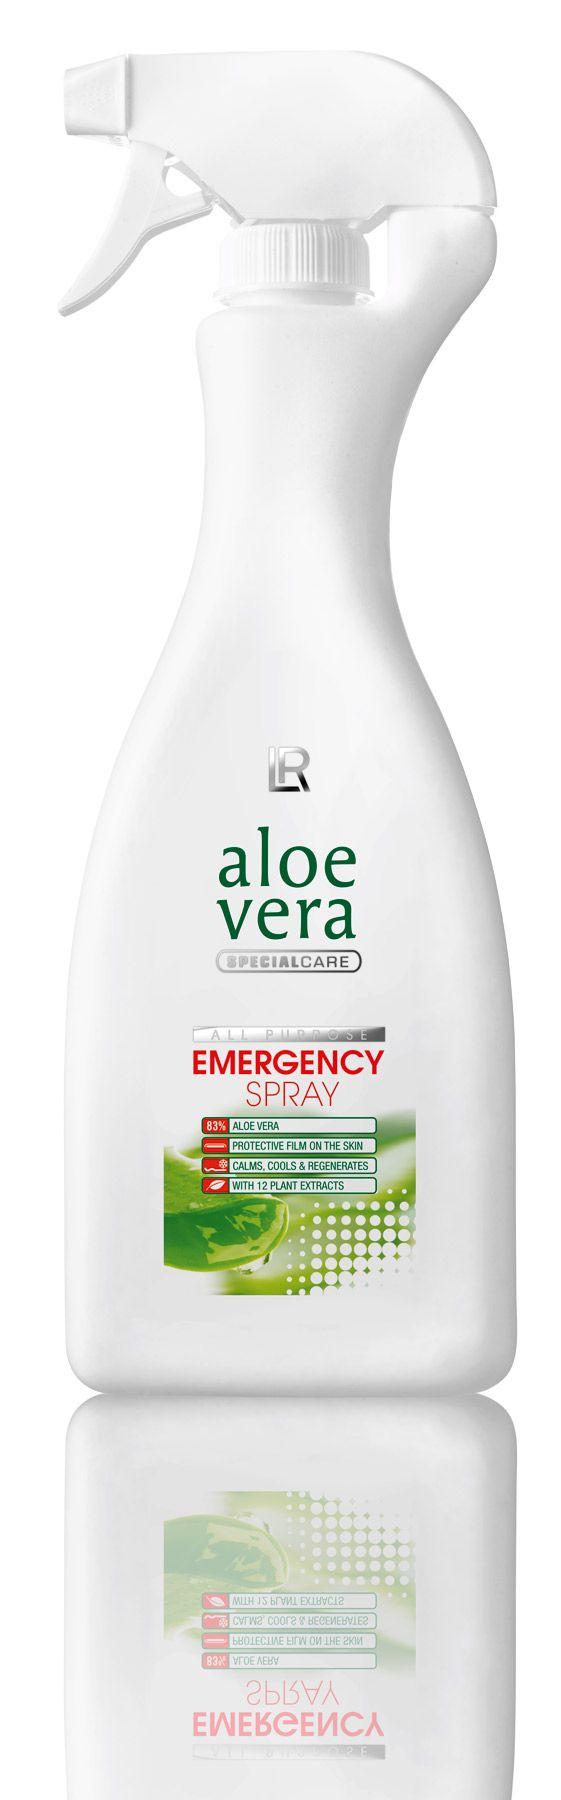 LR Aloe Vera Emergency Spray